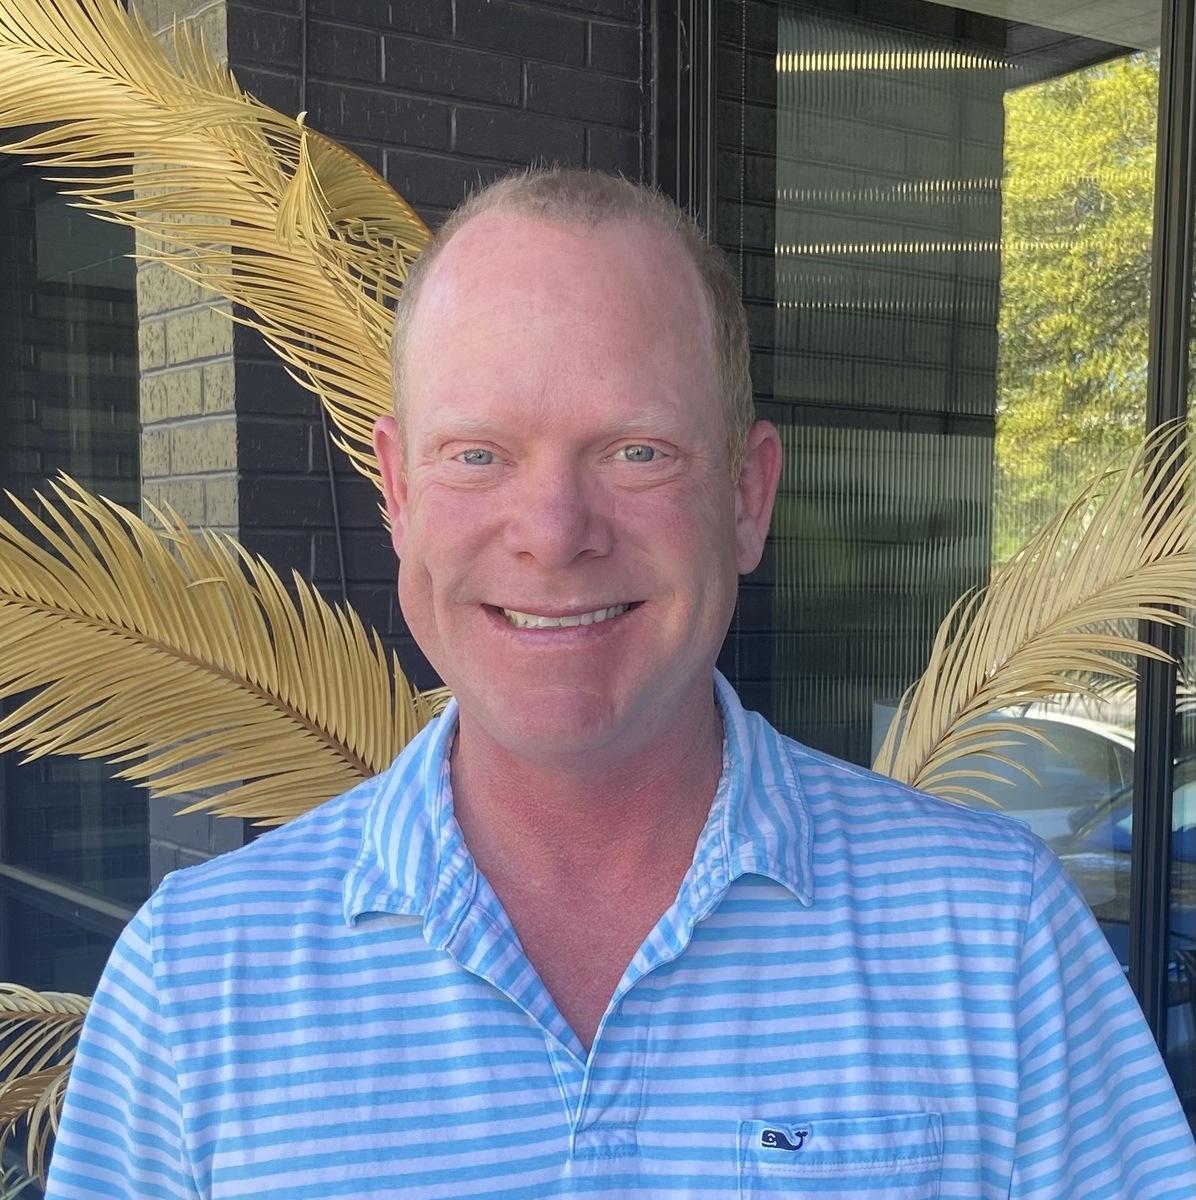 Preston Luster | Sr. Project Manager at Gordon Highlander